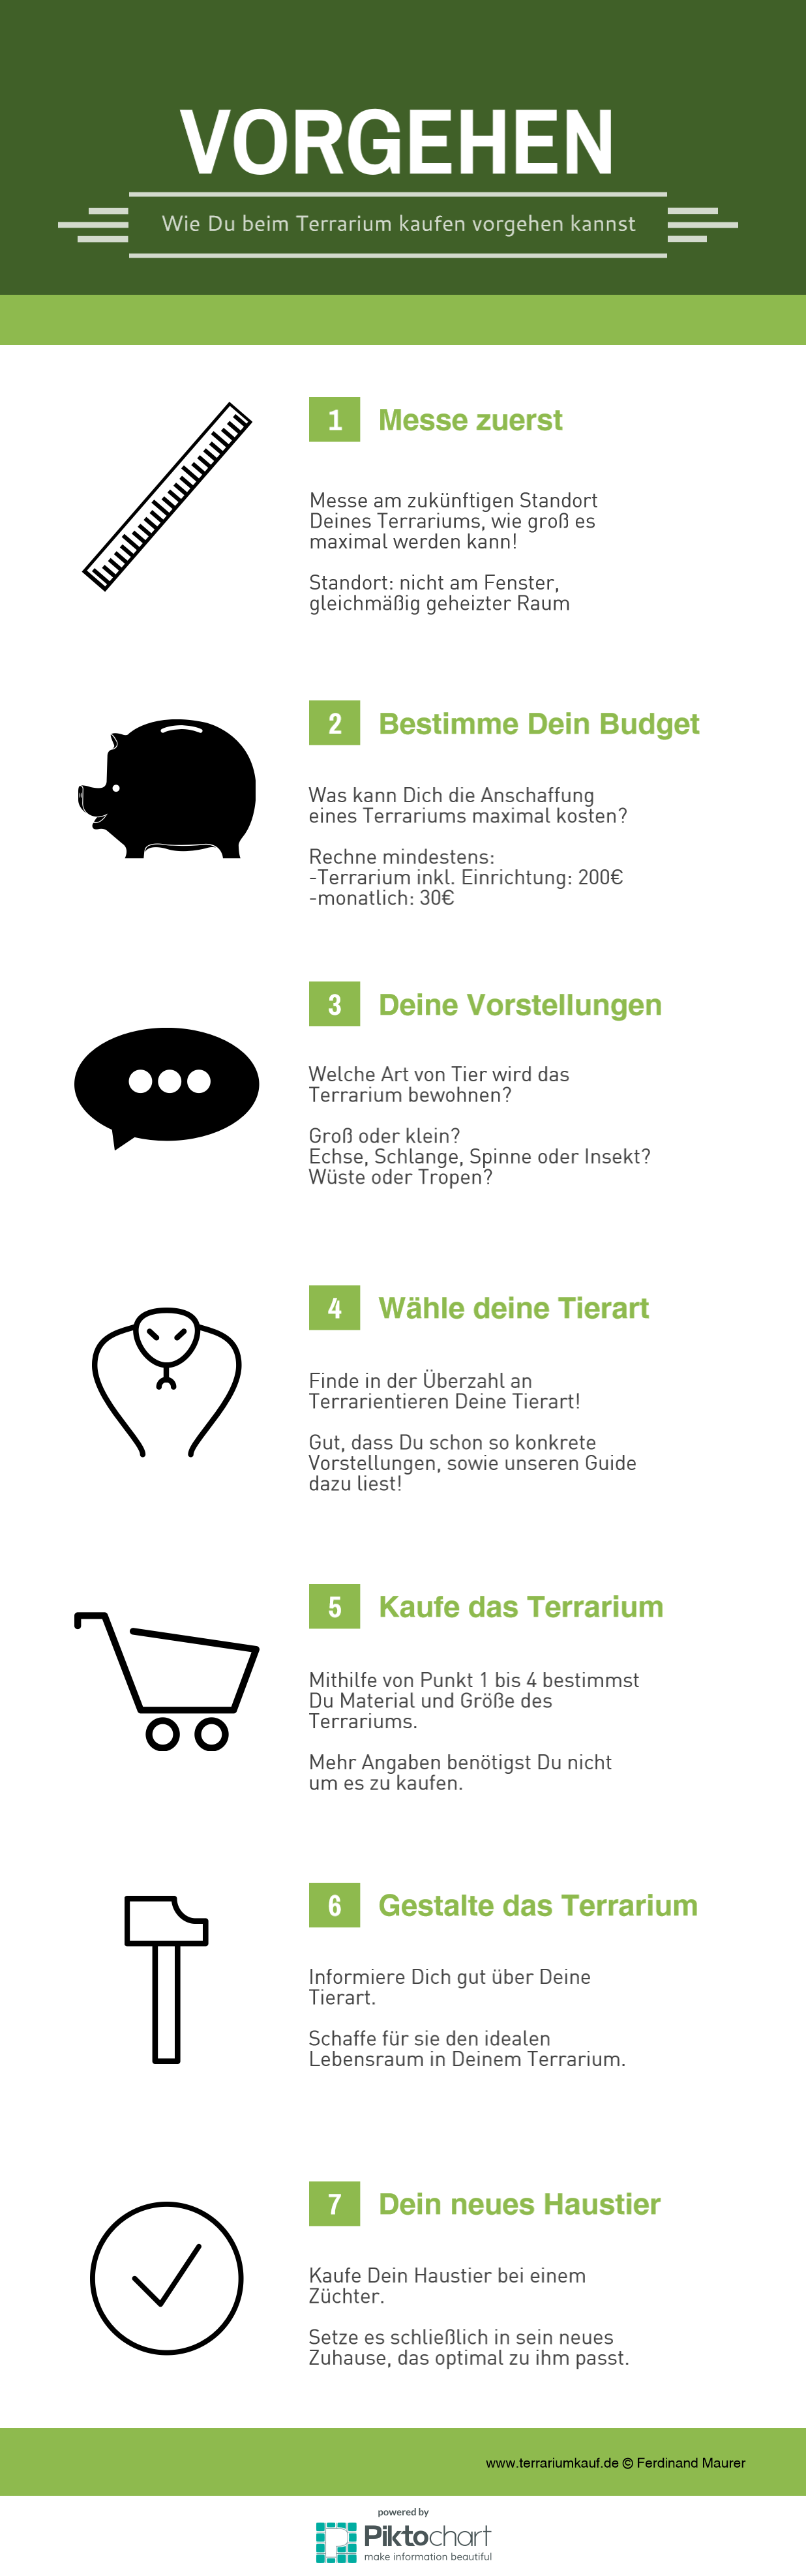 Infografik Terrariumkauf Vorgehen